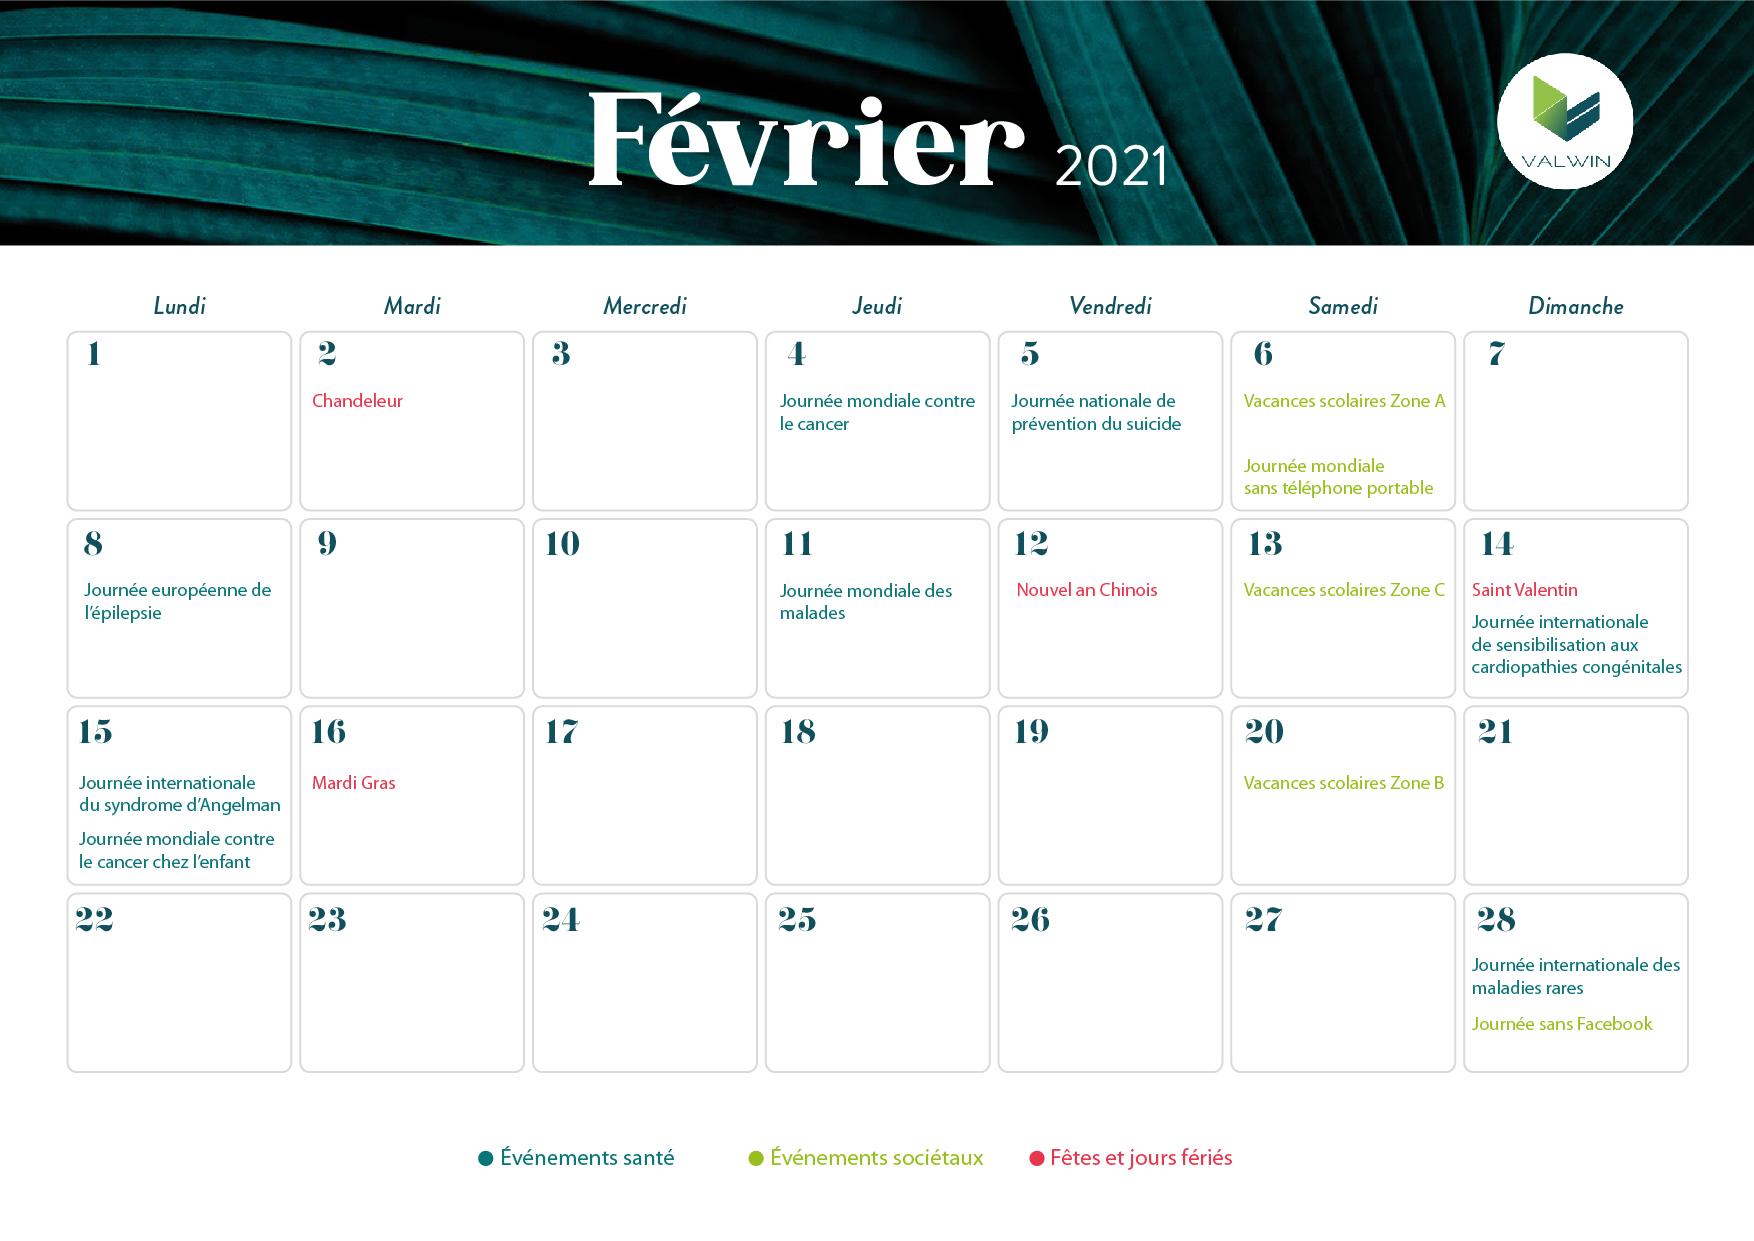 liste-toutes-les-journées-mondiales-de-Santé-fevier-2021.jpg